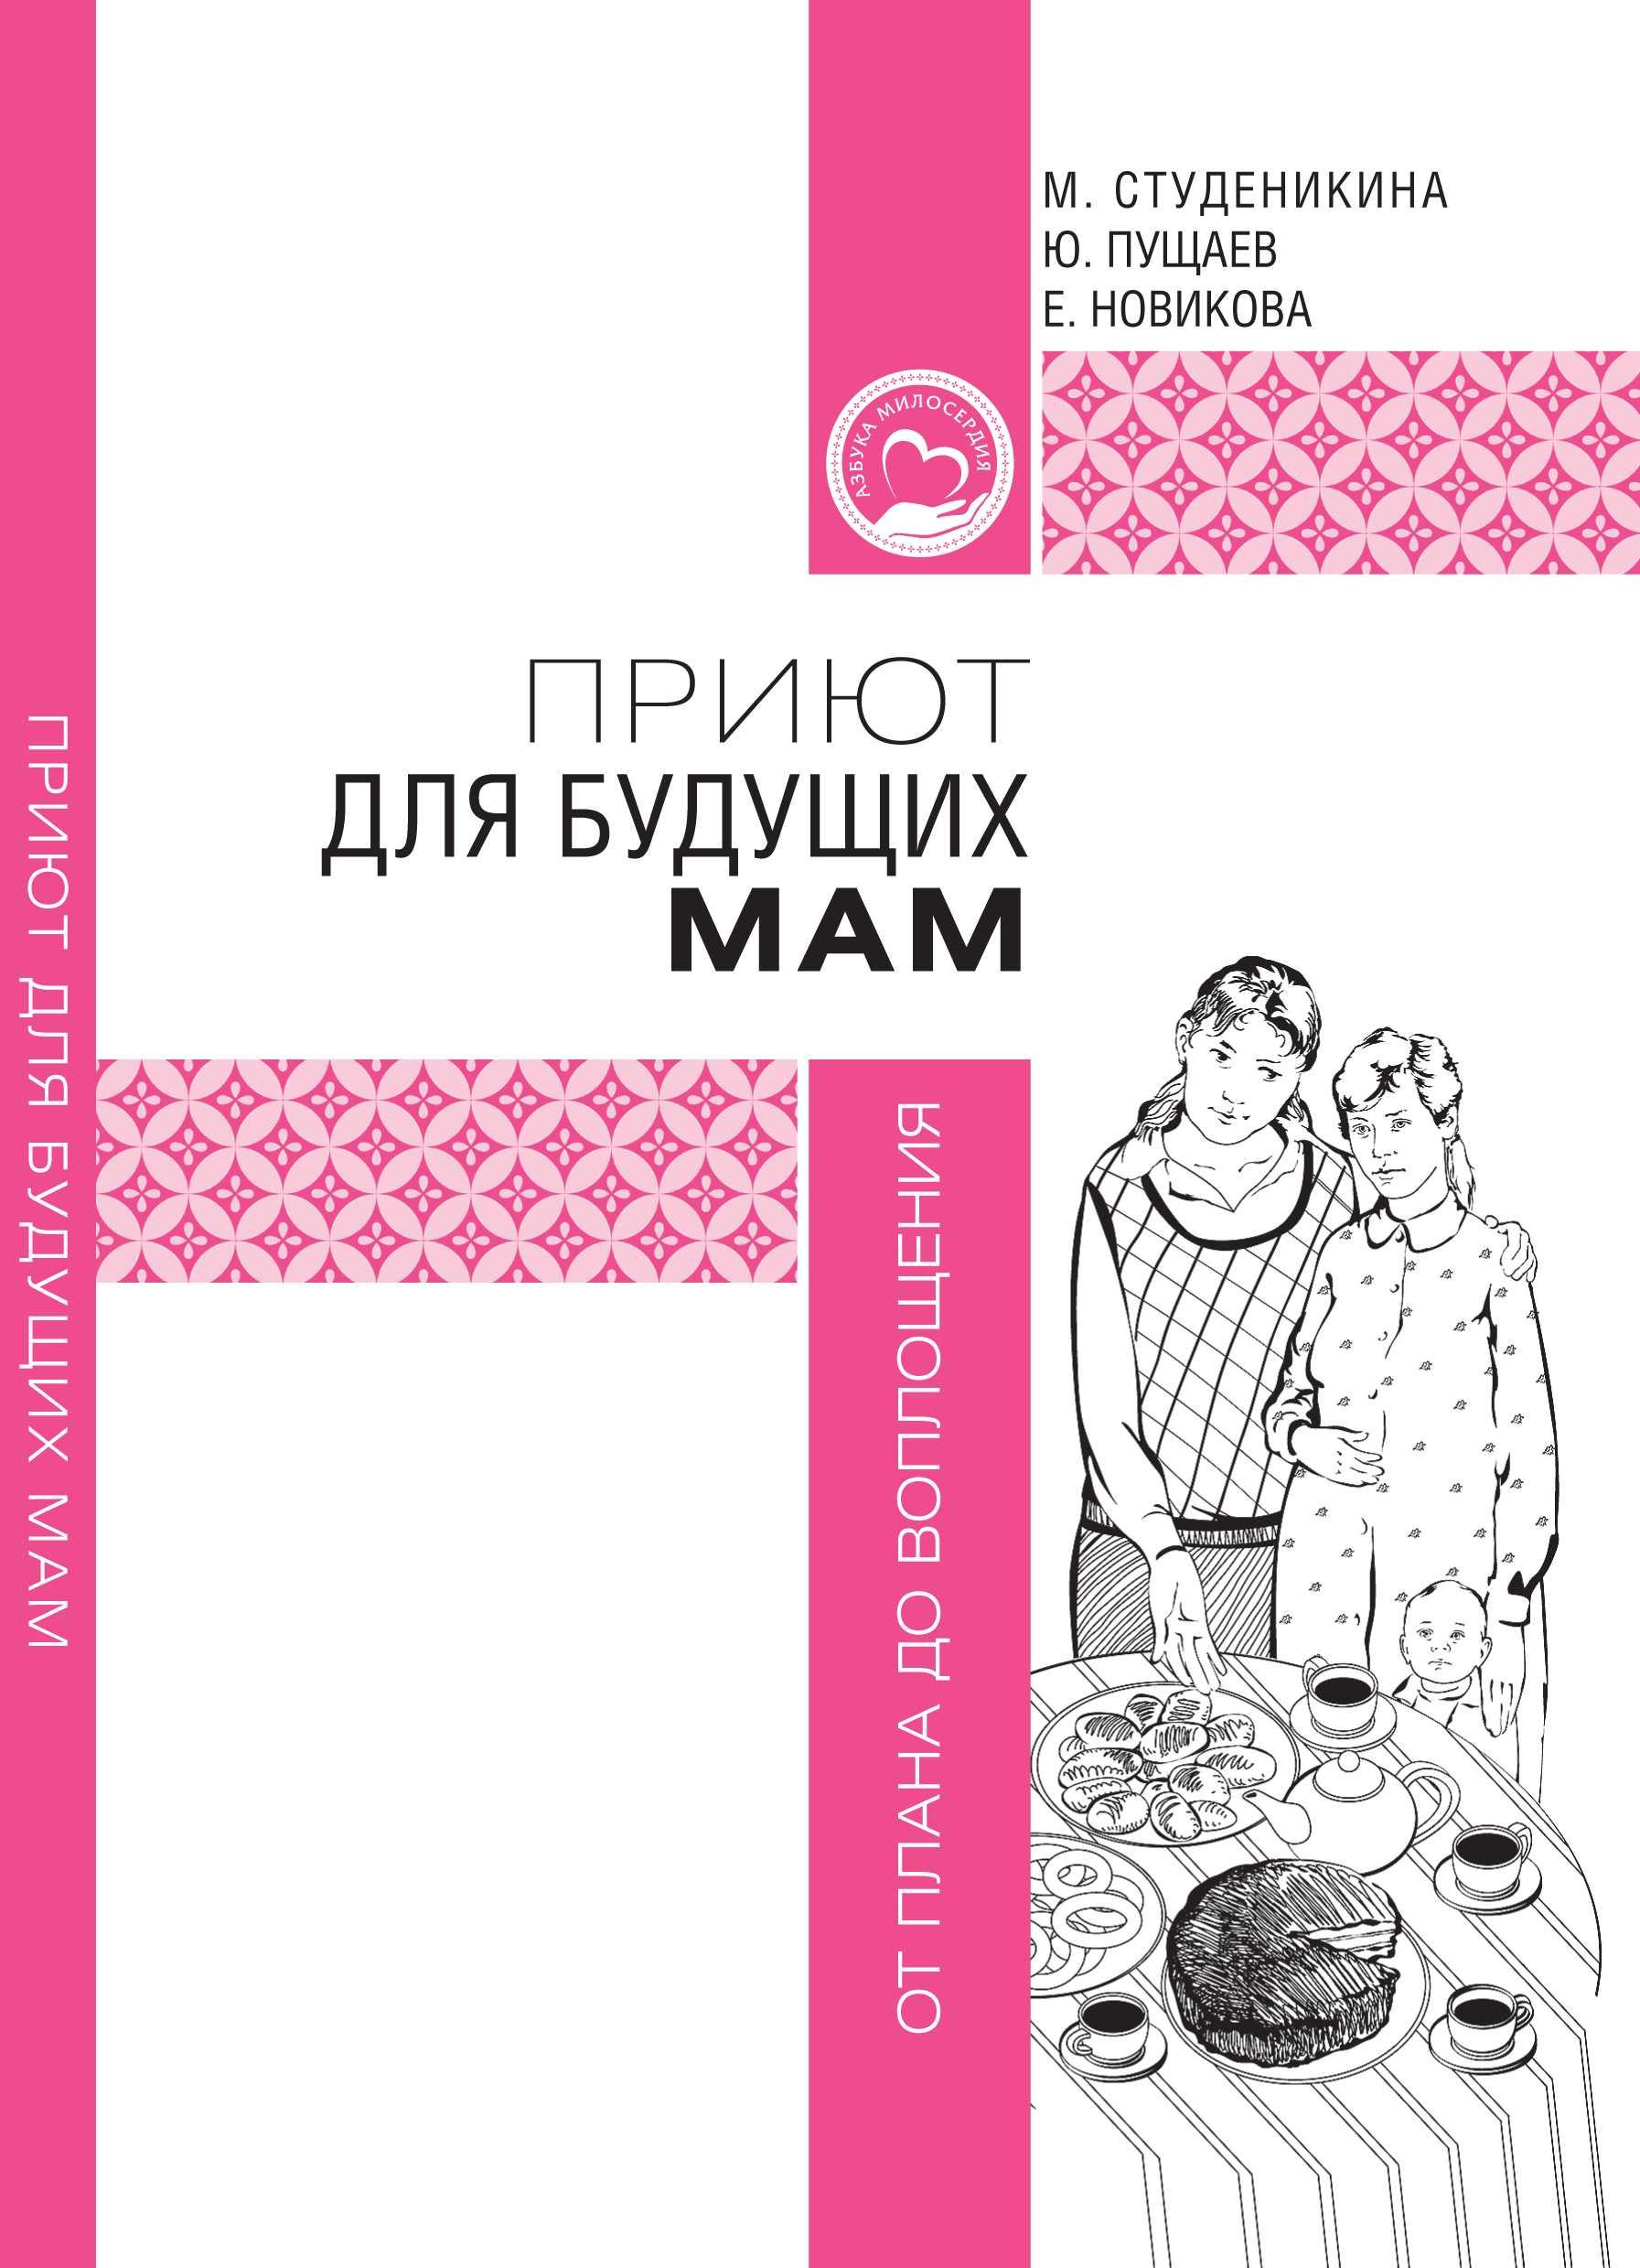 mam home cover4 1